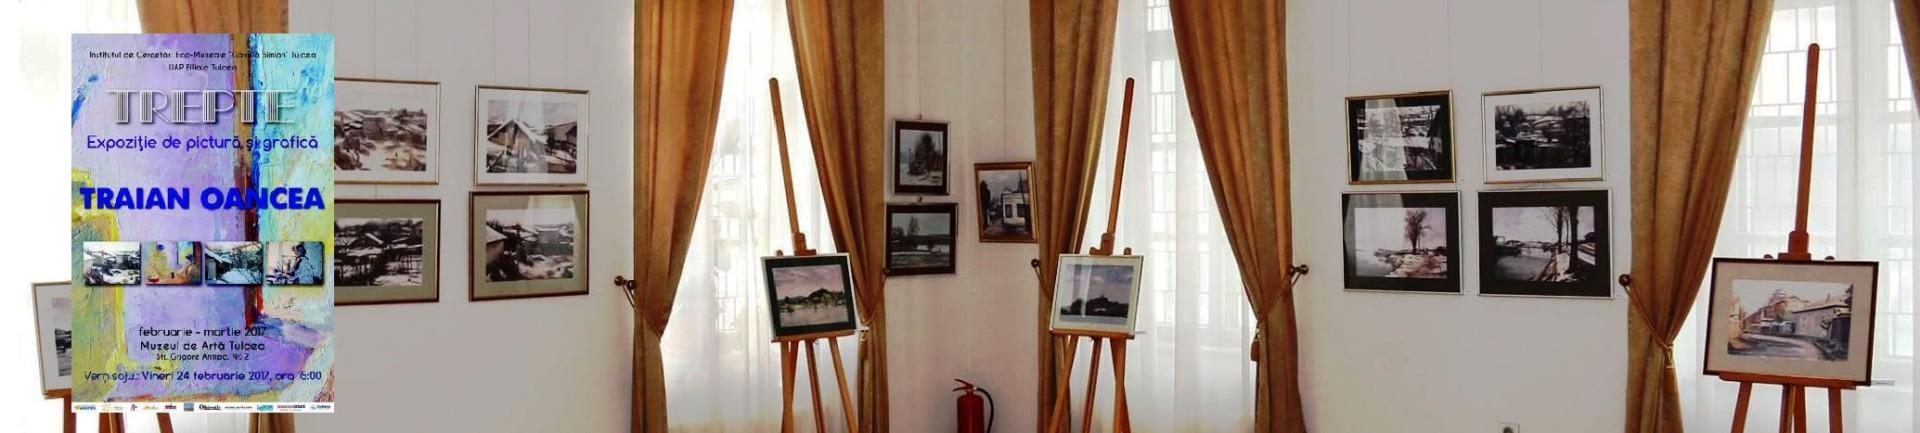 artistul-traian-oancea-vernisajul-expozitiei-de-pictura-si-grafica-intitulata-trepte